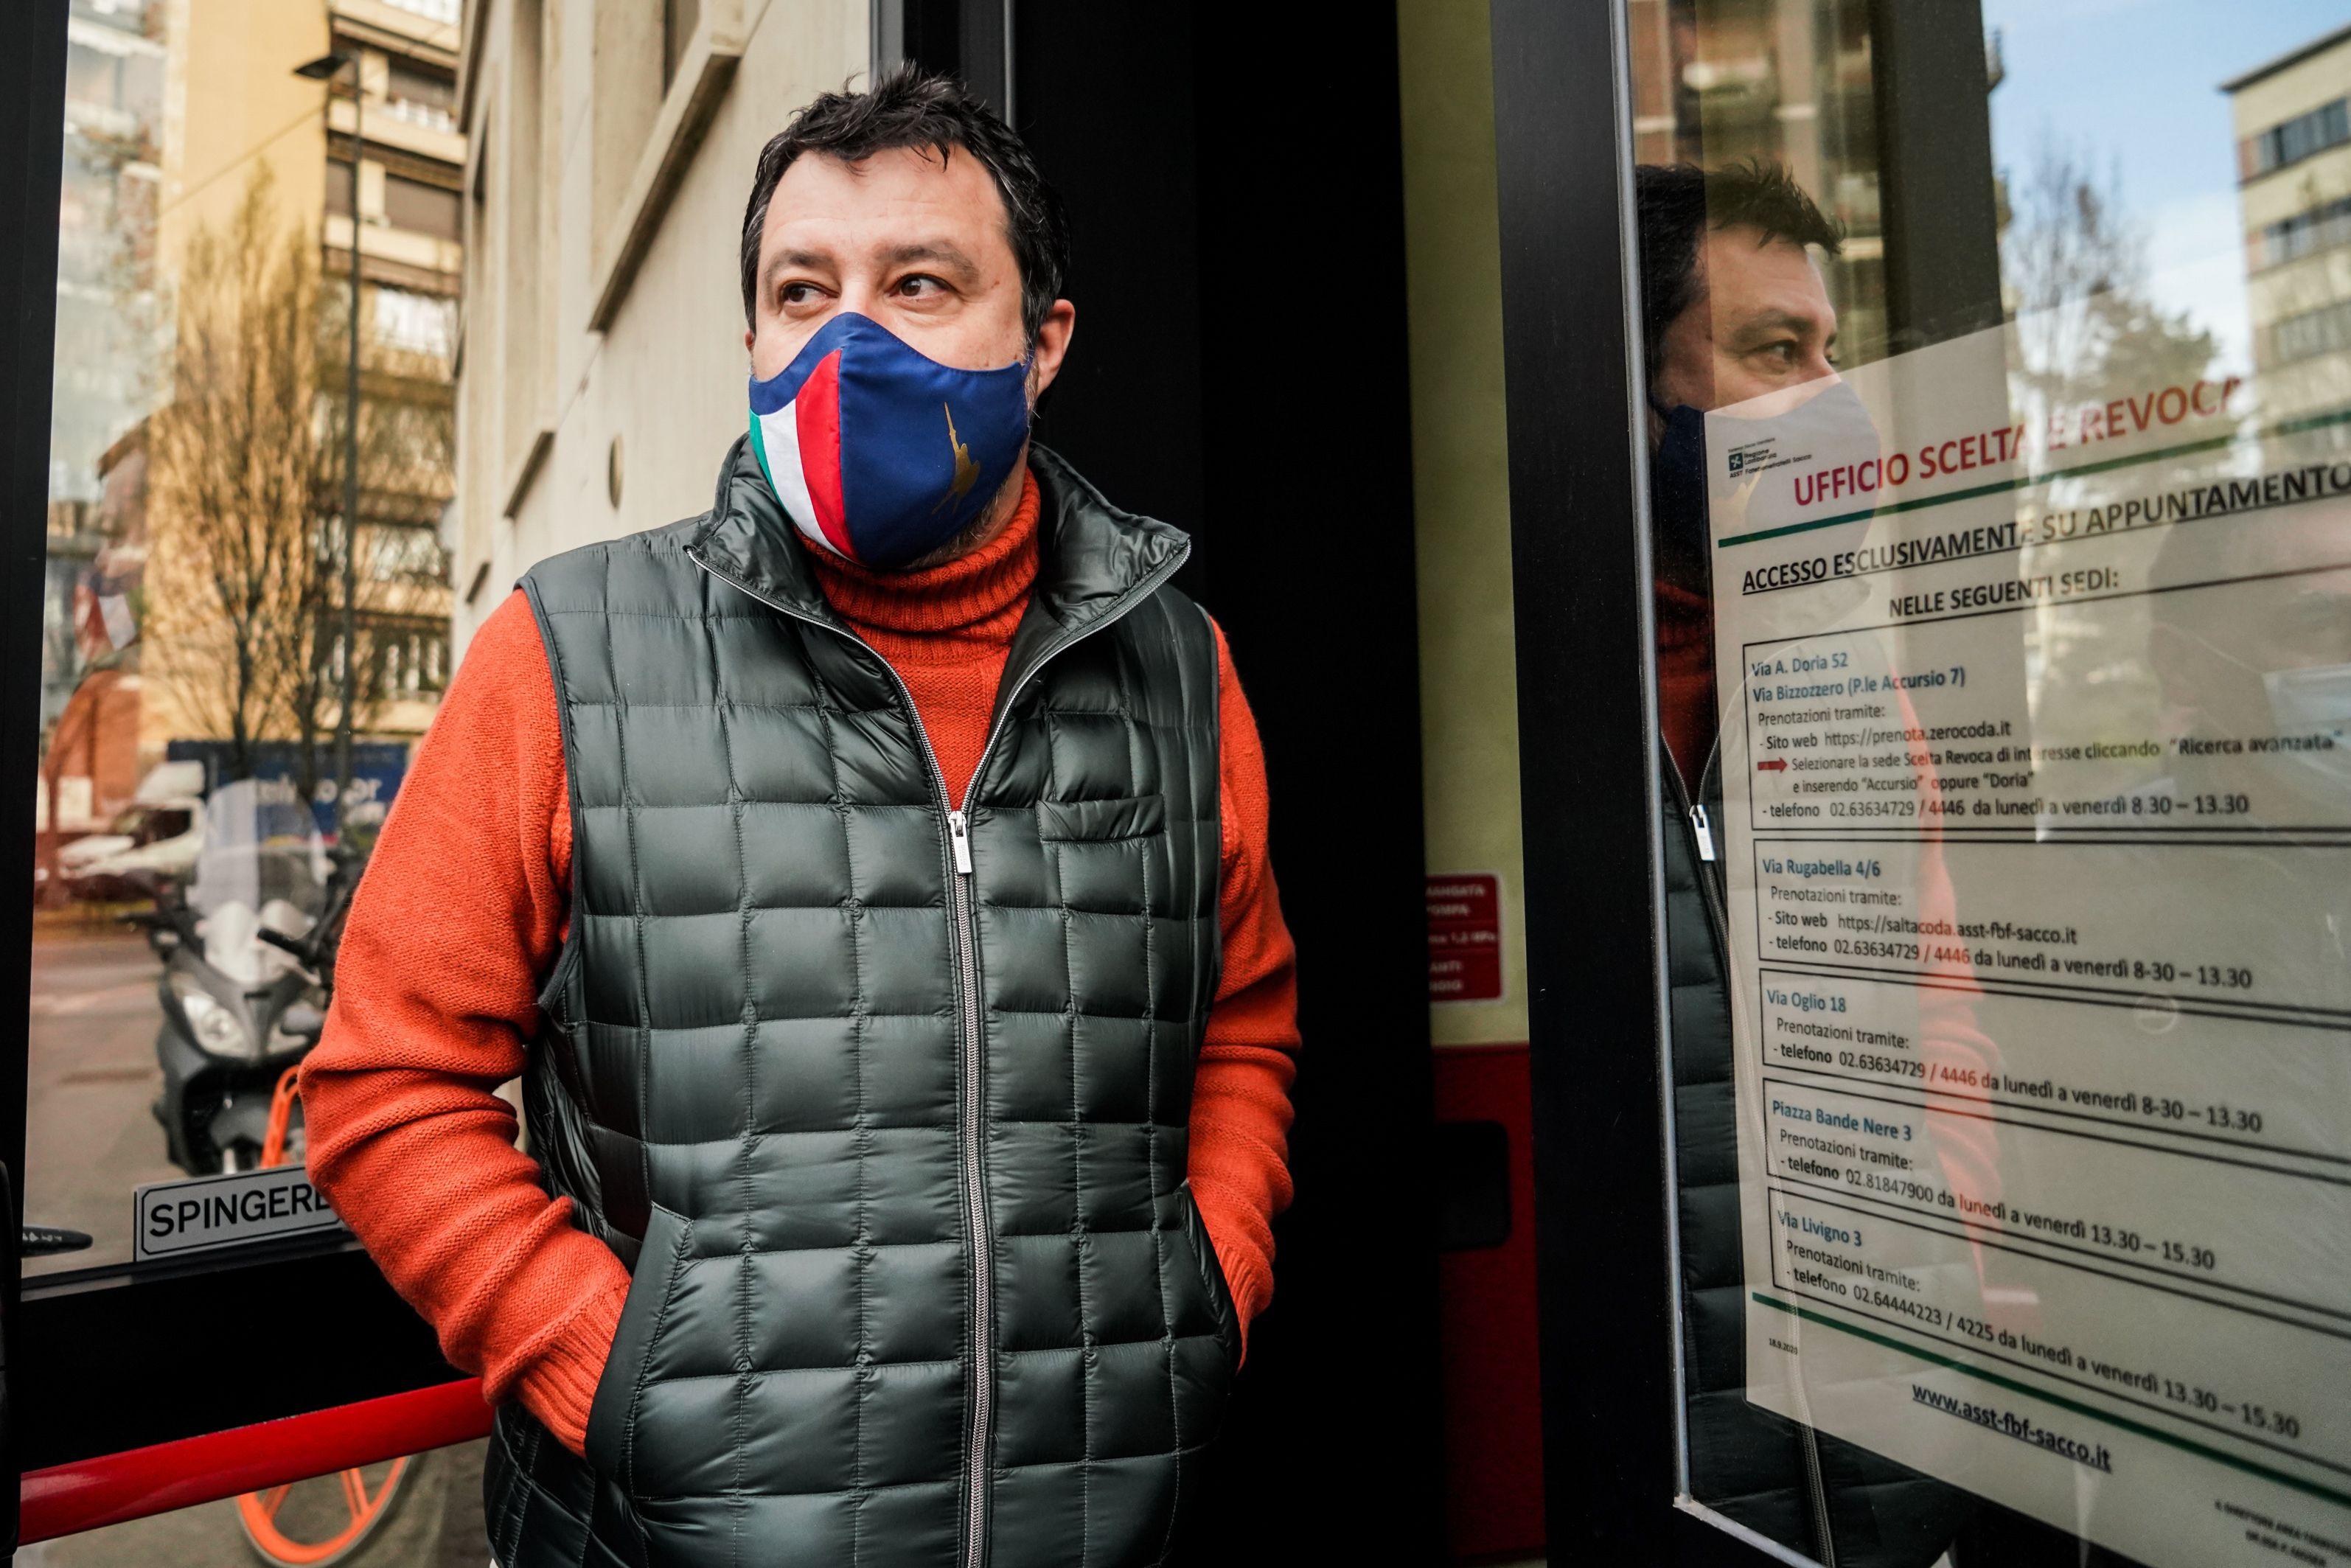 22/03/2021 Milano, il leader della Lega Matteo Salvini dona sangue